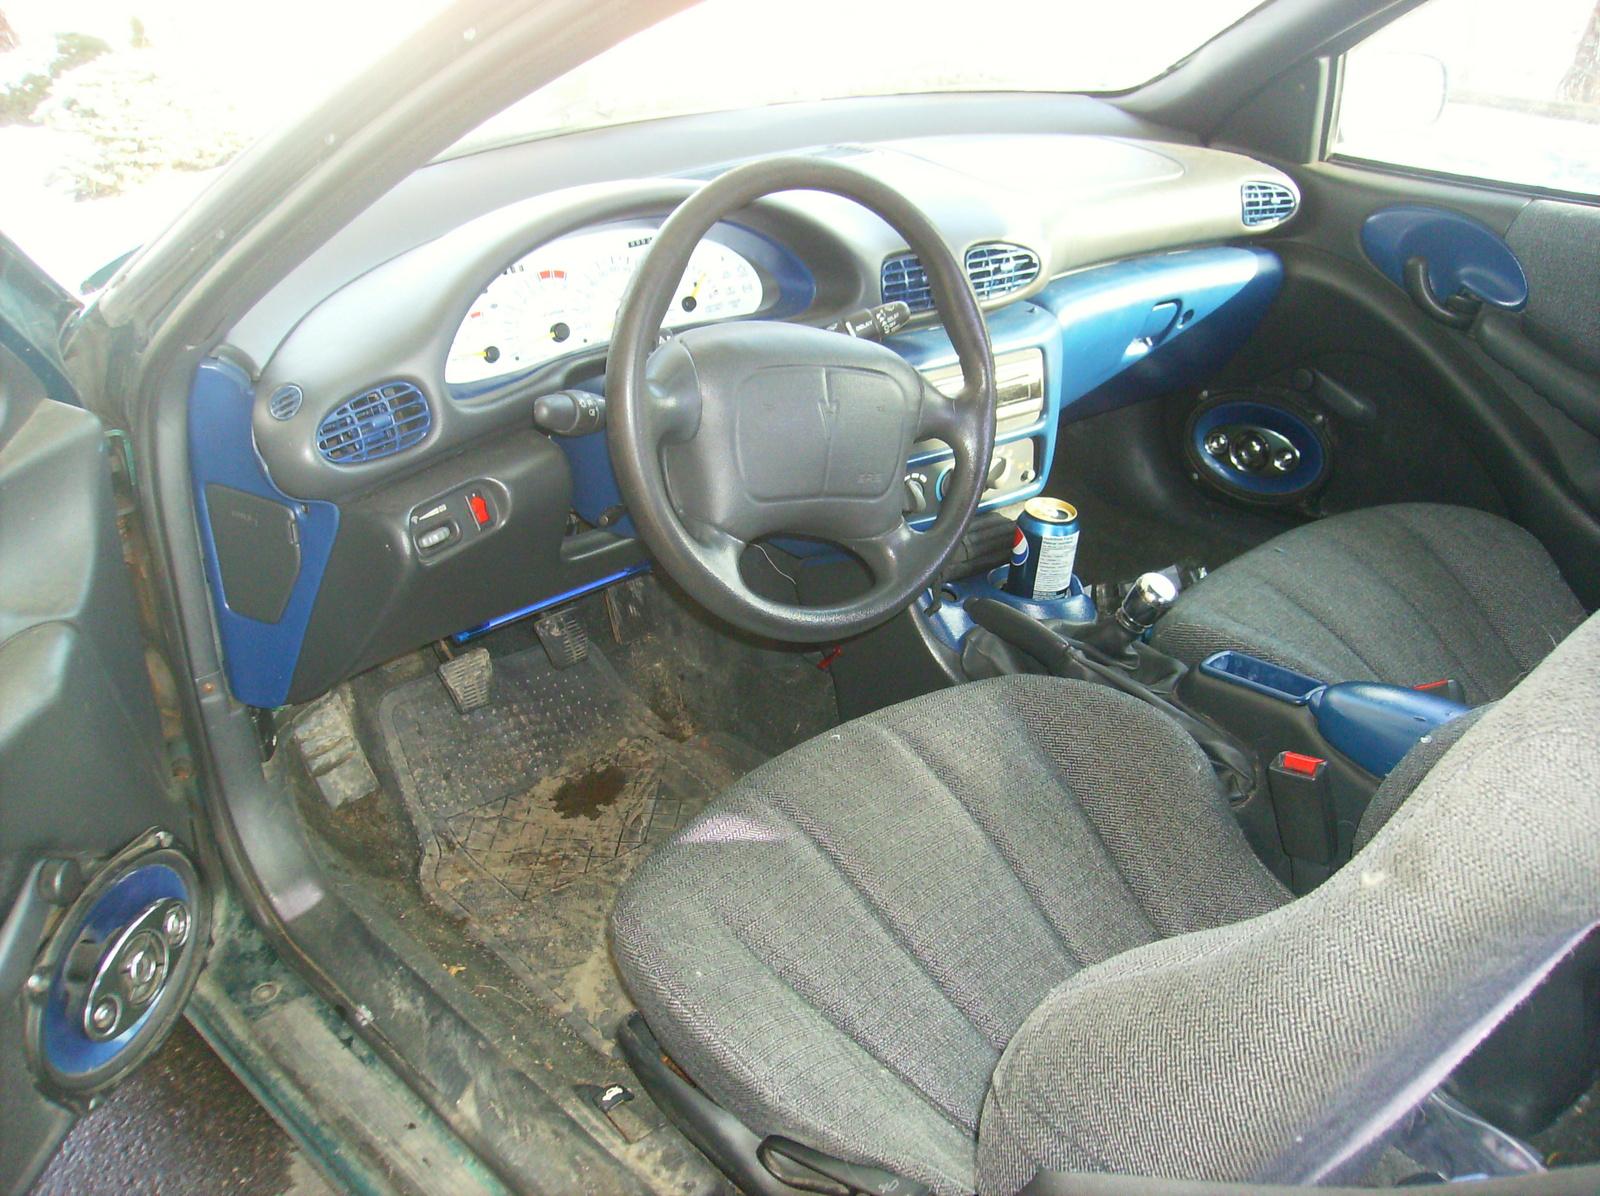 1996 Chevrolet Cavalier - Interior Pictures - CarGurus